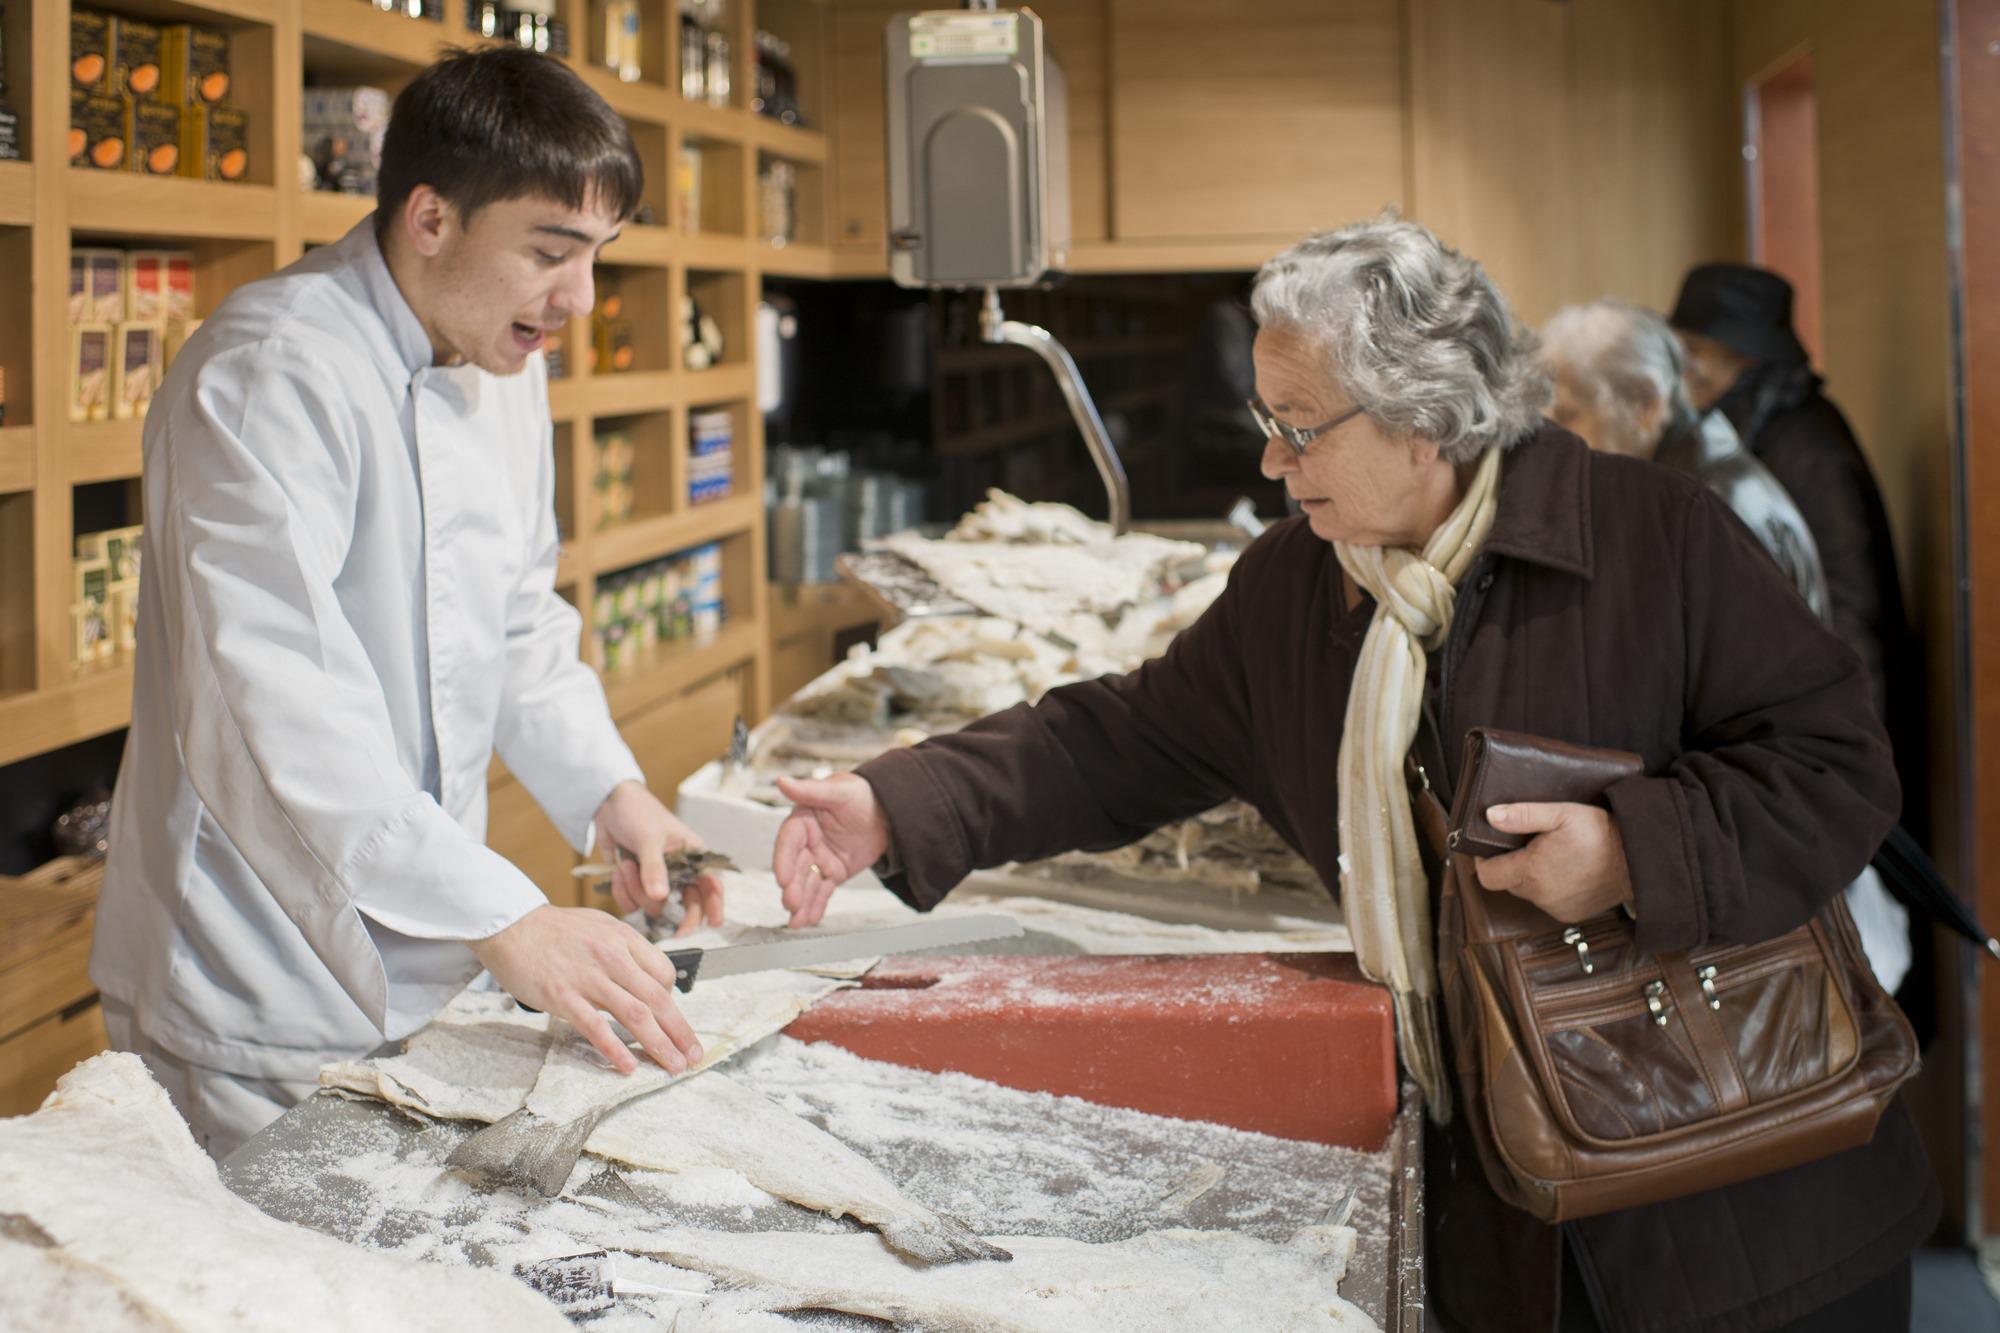 Una clienta señala cómo quiere el corte del bacalao.